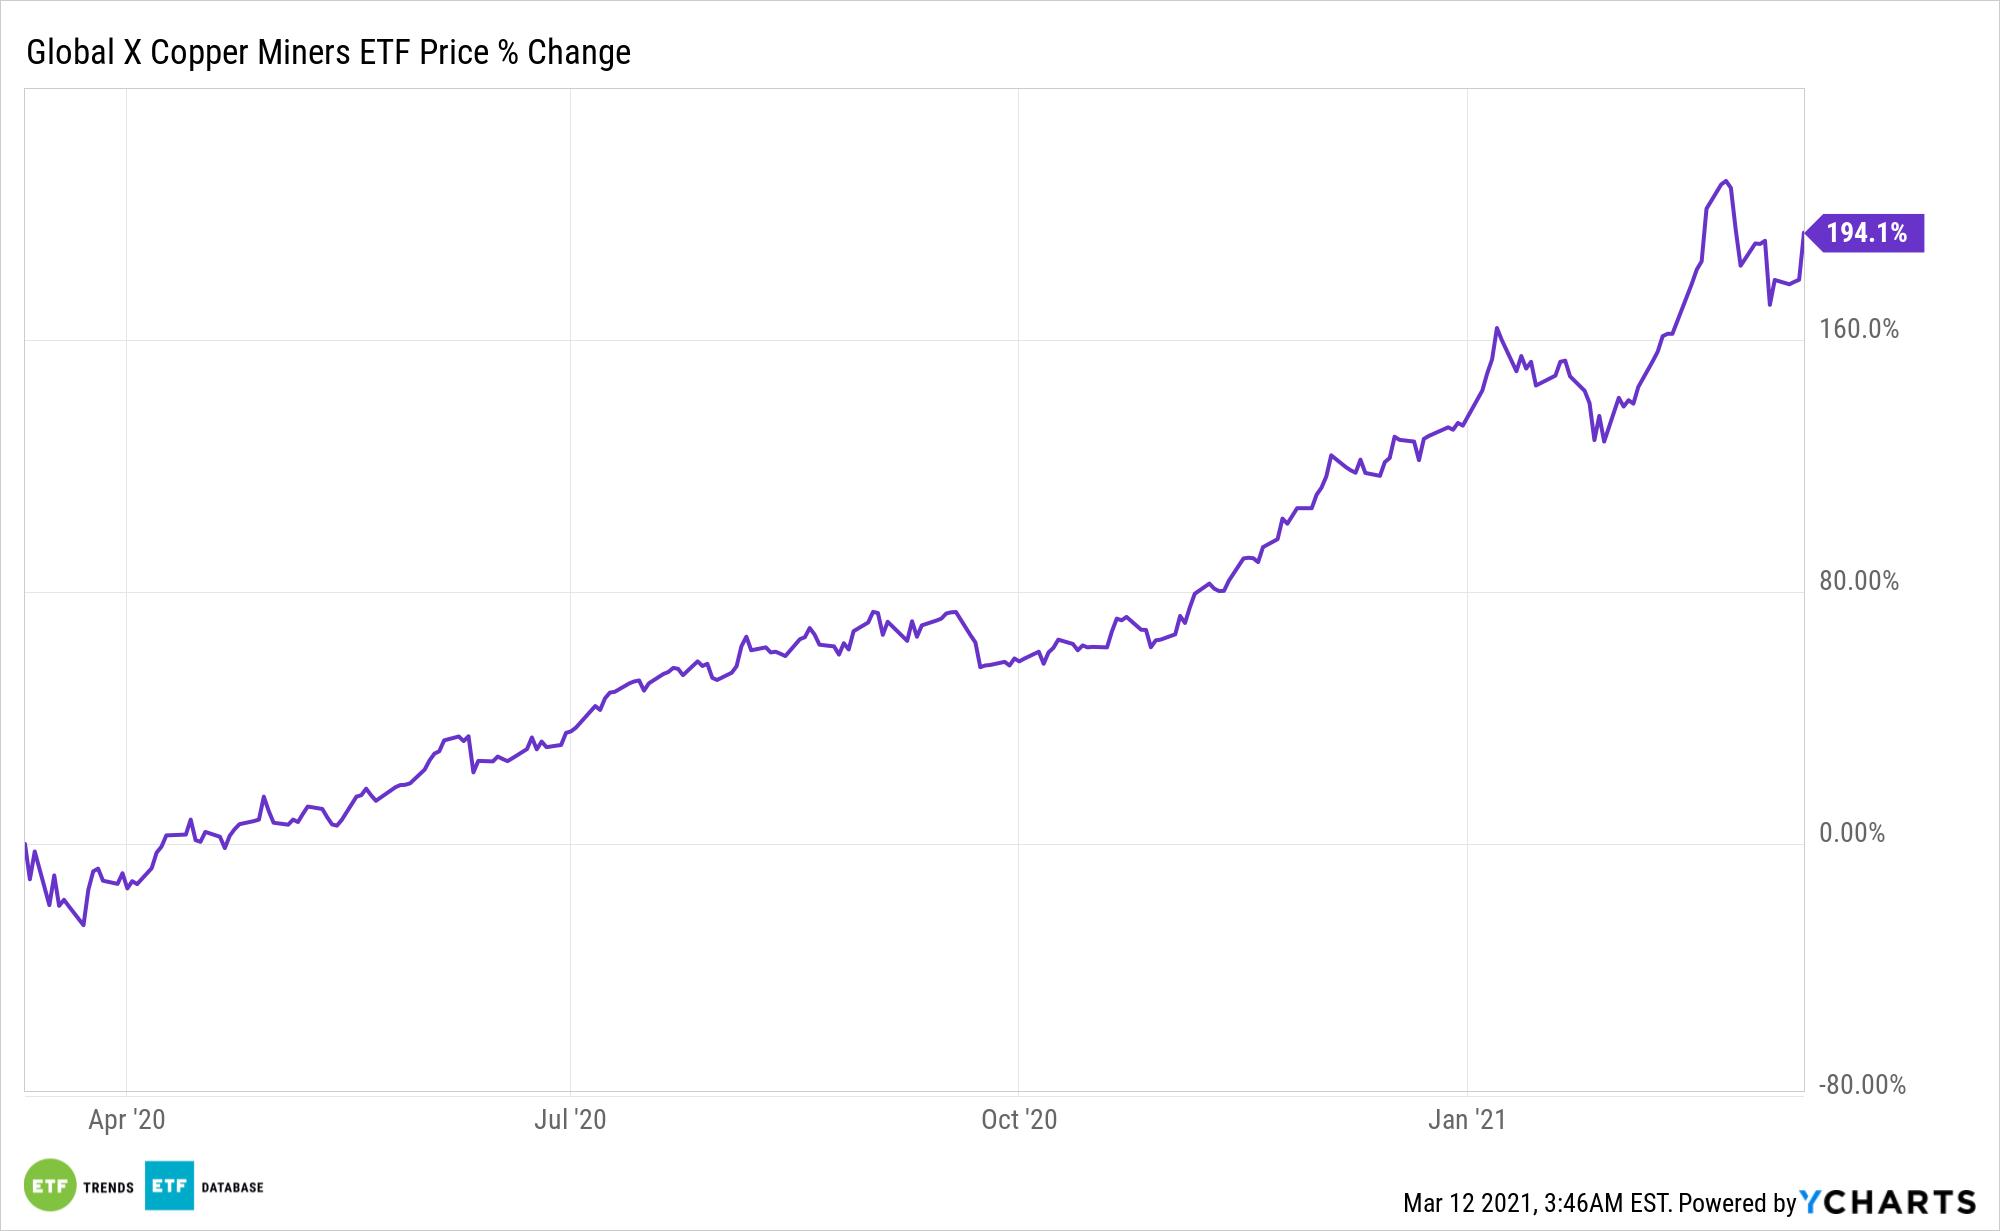 COPX Chart